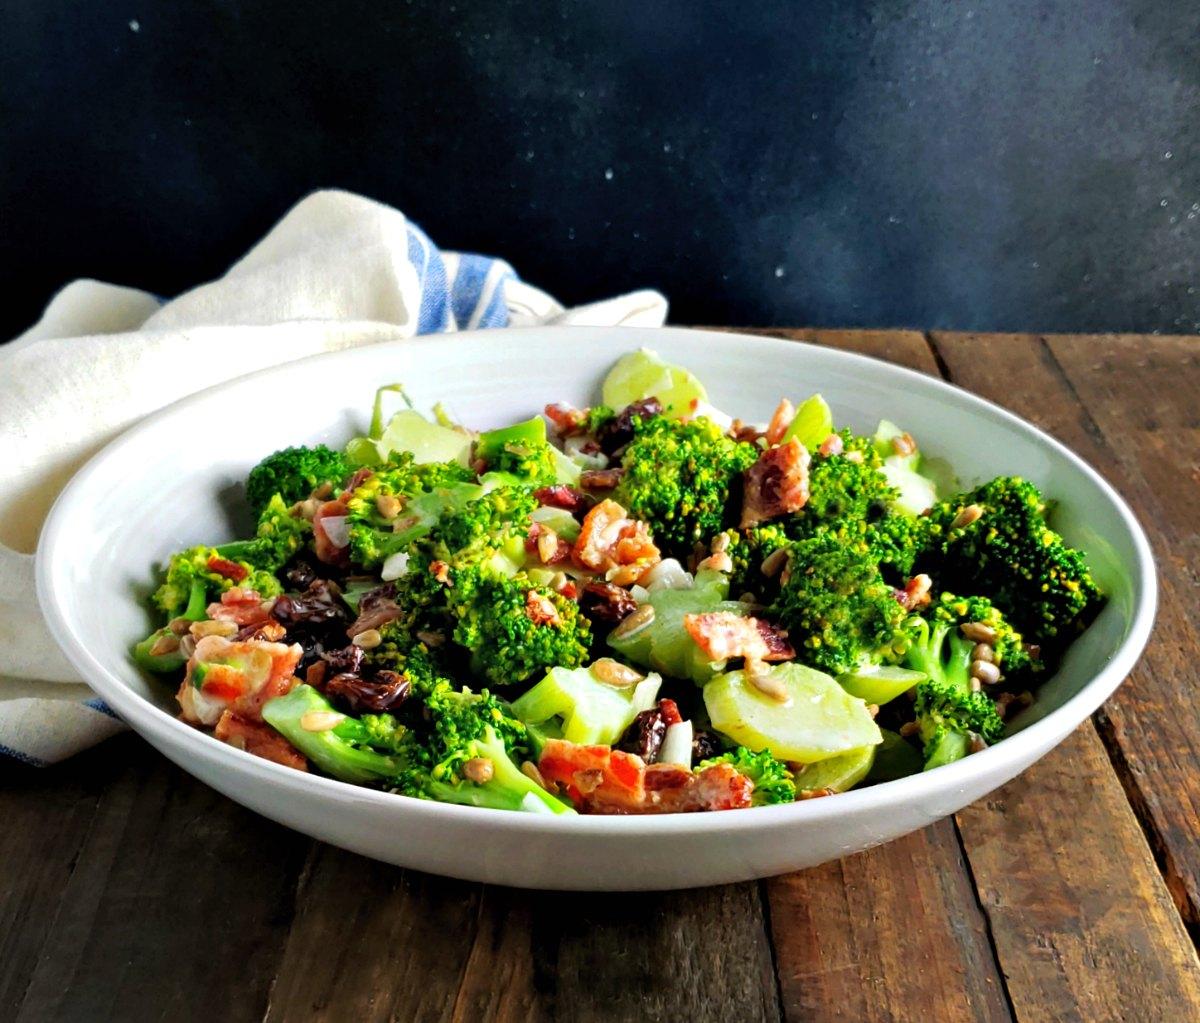 Crazy Broccoli Salad Lighter No Mayo Version Frugal Hausfrau